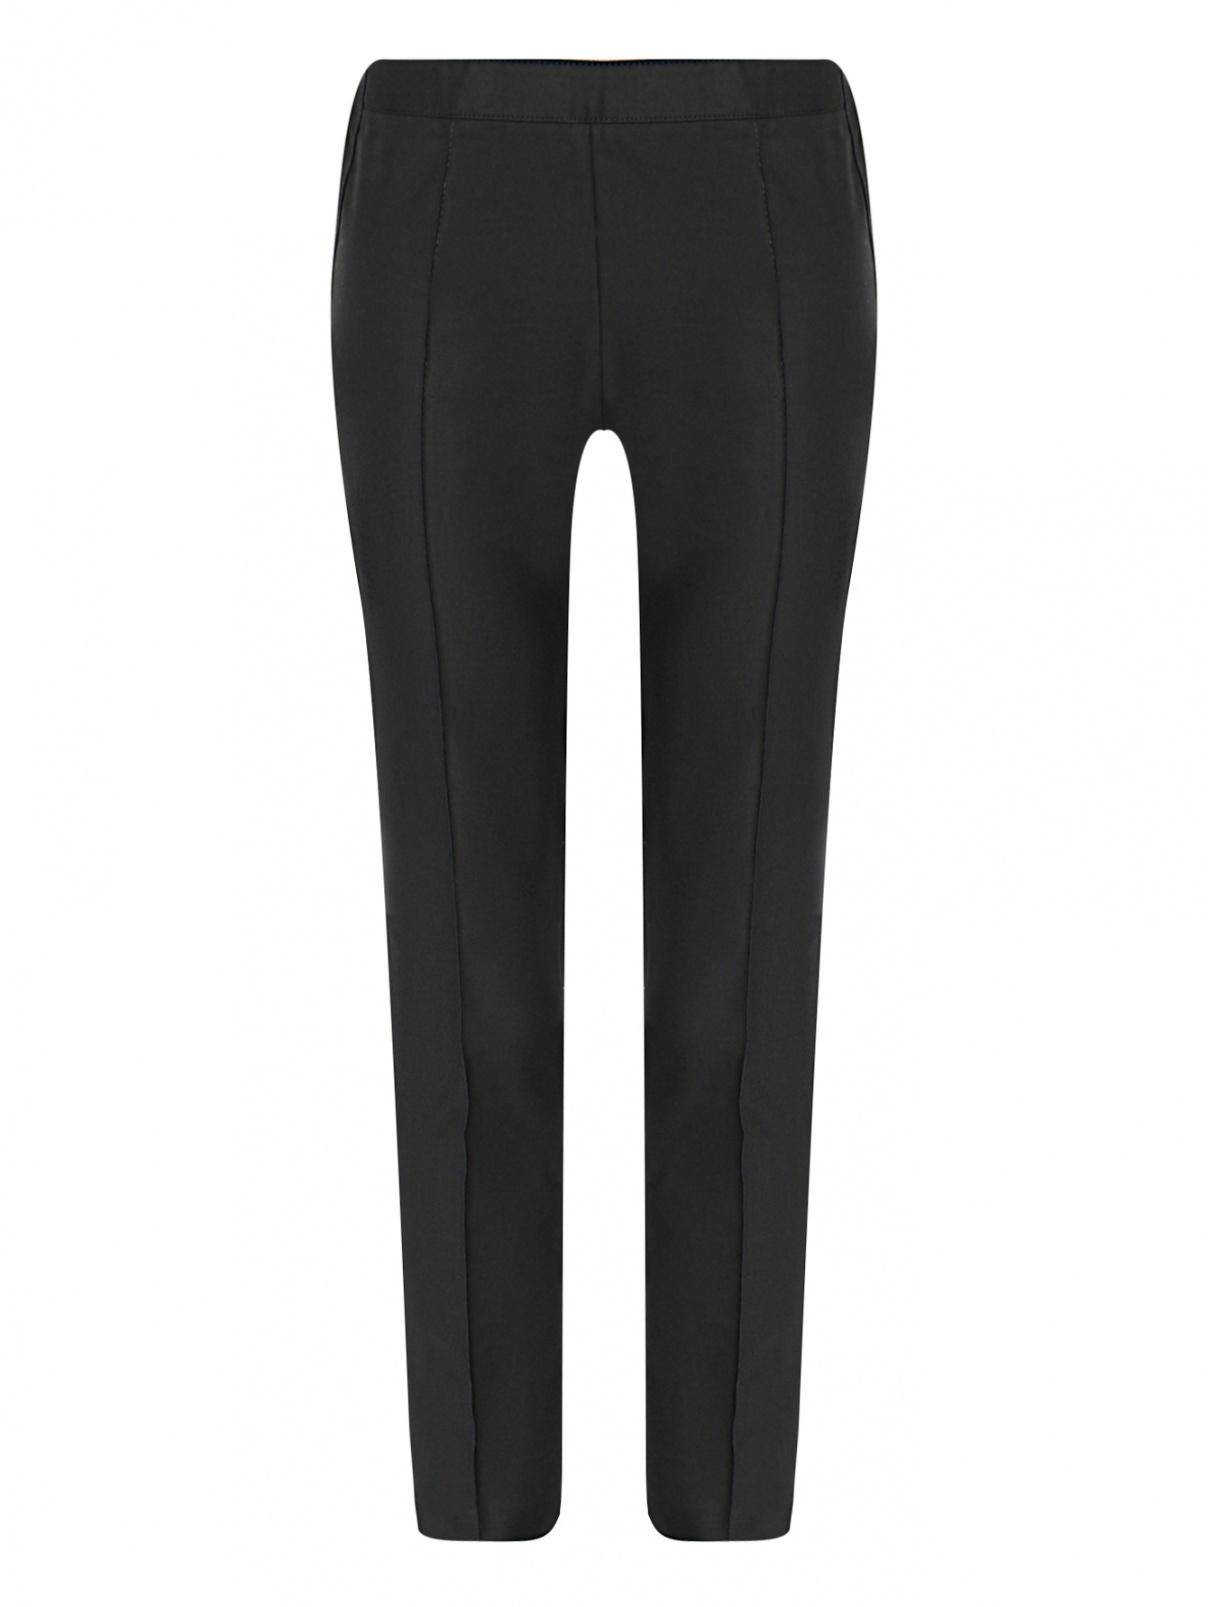 Укороченные брюки из хлопка BOUTIQUE MOSCHINO  –  Общий вид  – Цвет:  Черный